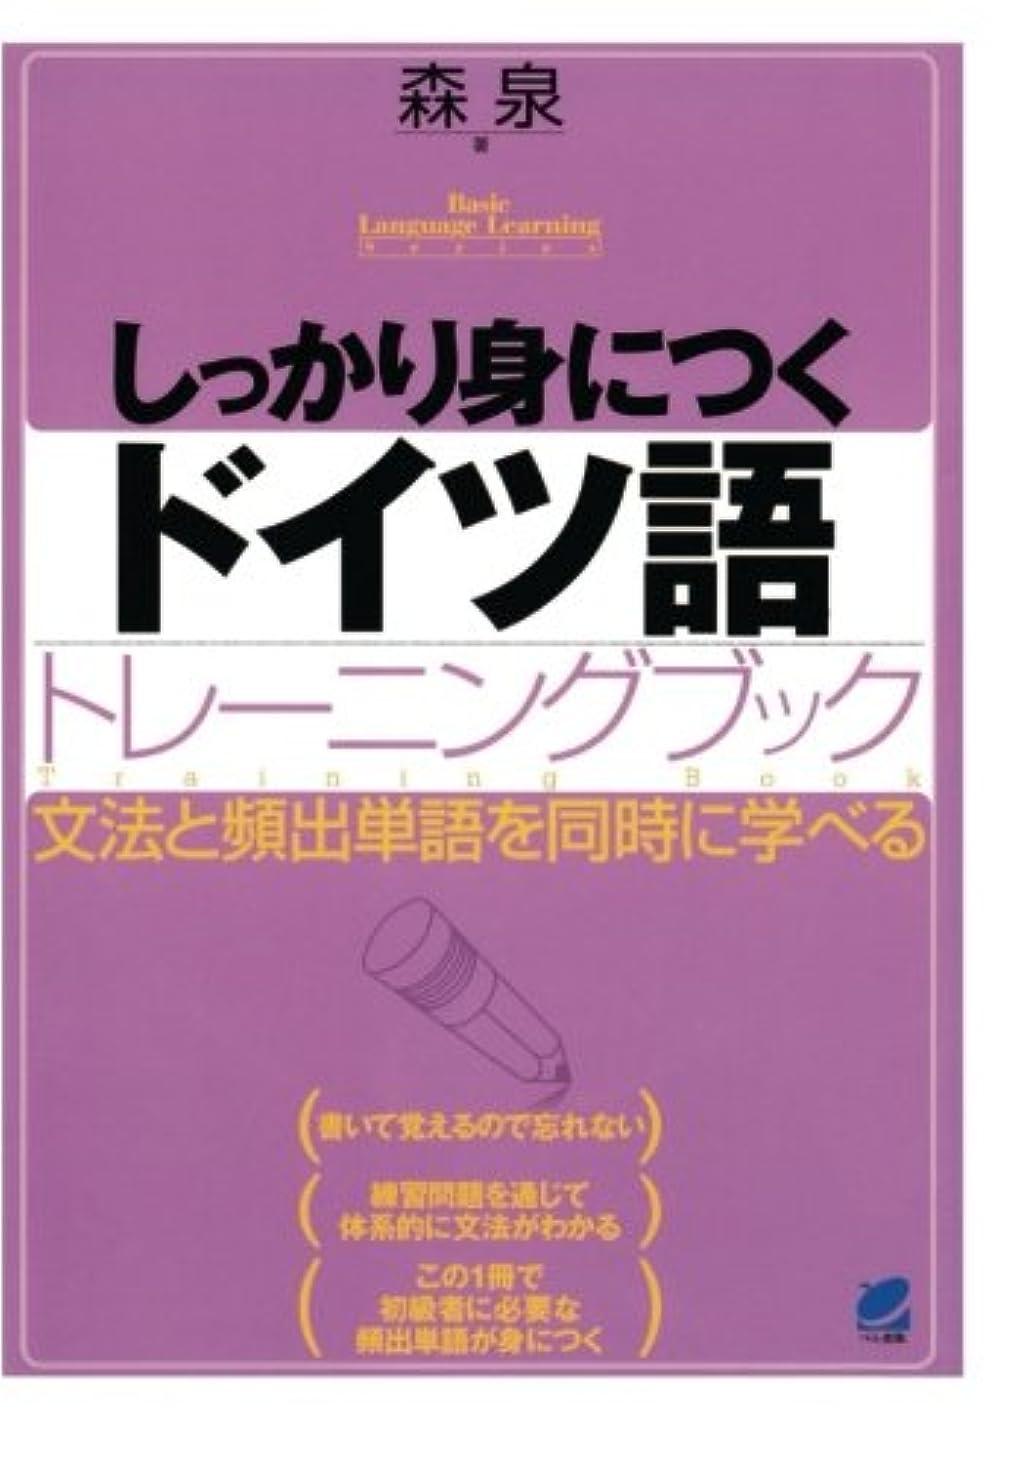 みすぼらしい悪化させる勇敢なしっかり身につくドイツ語トレーニングブック(CDなしバージョン)